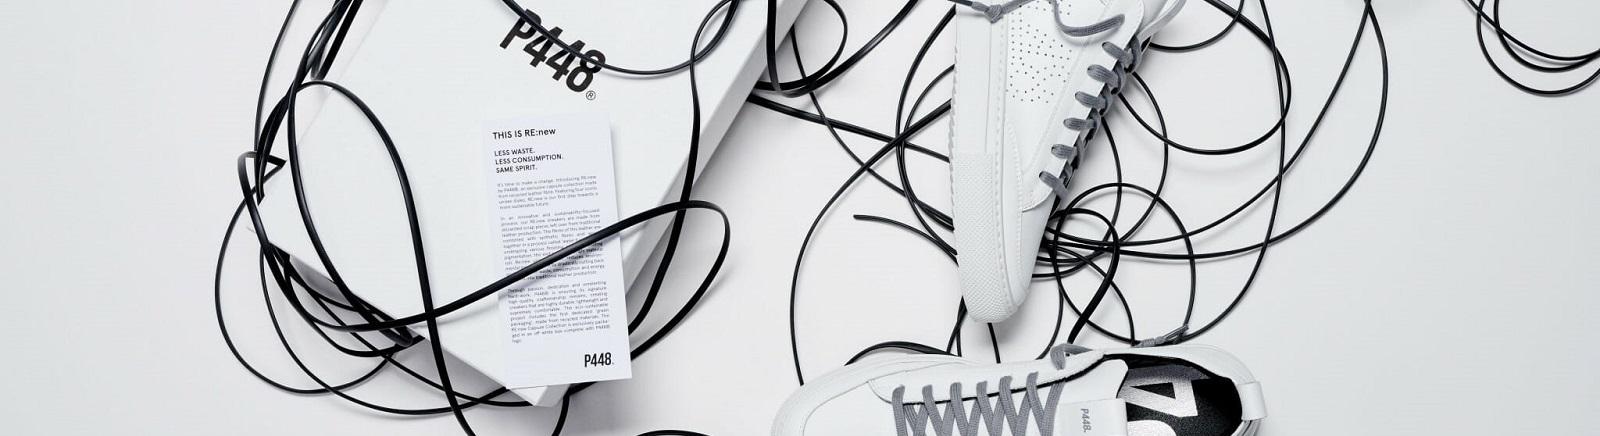 Juppen: P448 Schnürschuhe für Herren online shoppen